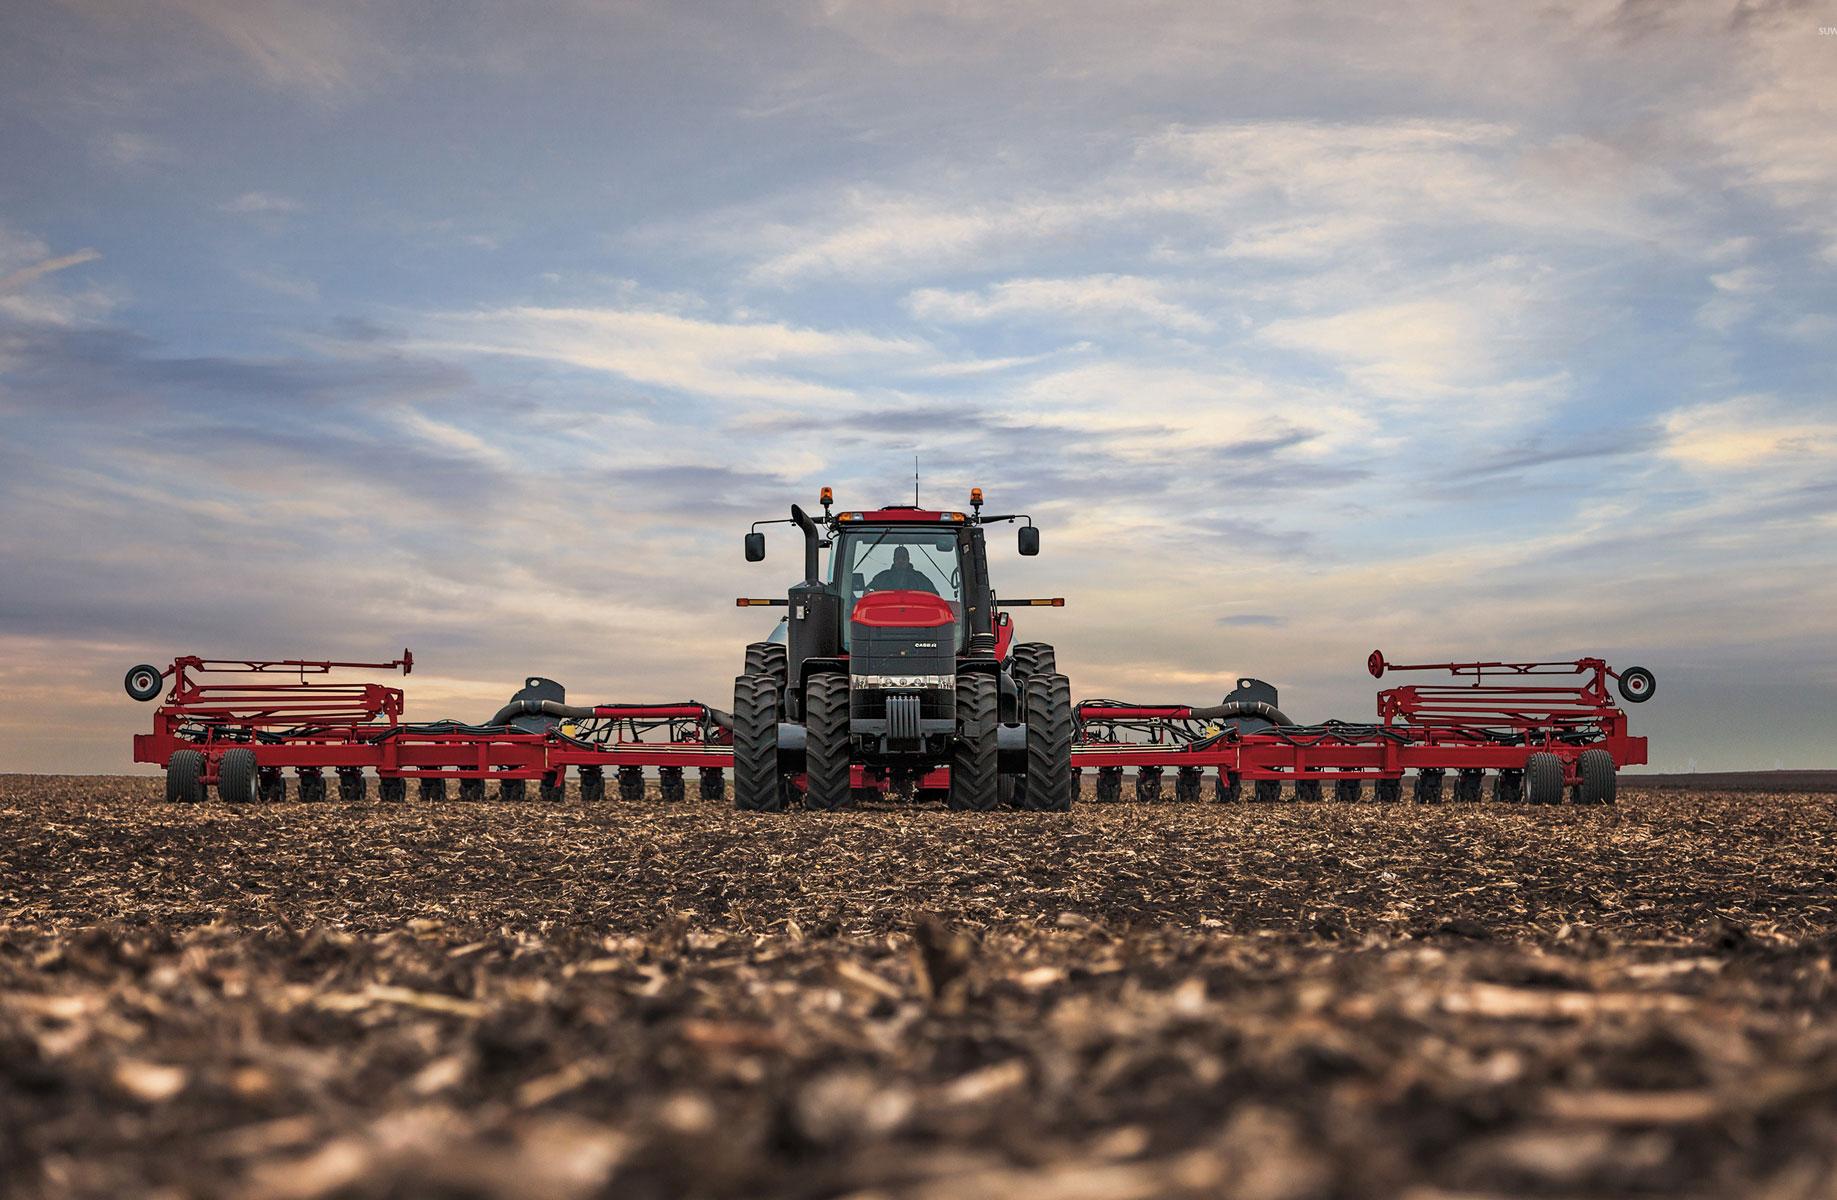 لاستیک ادوات کشاورزی